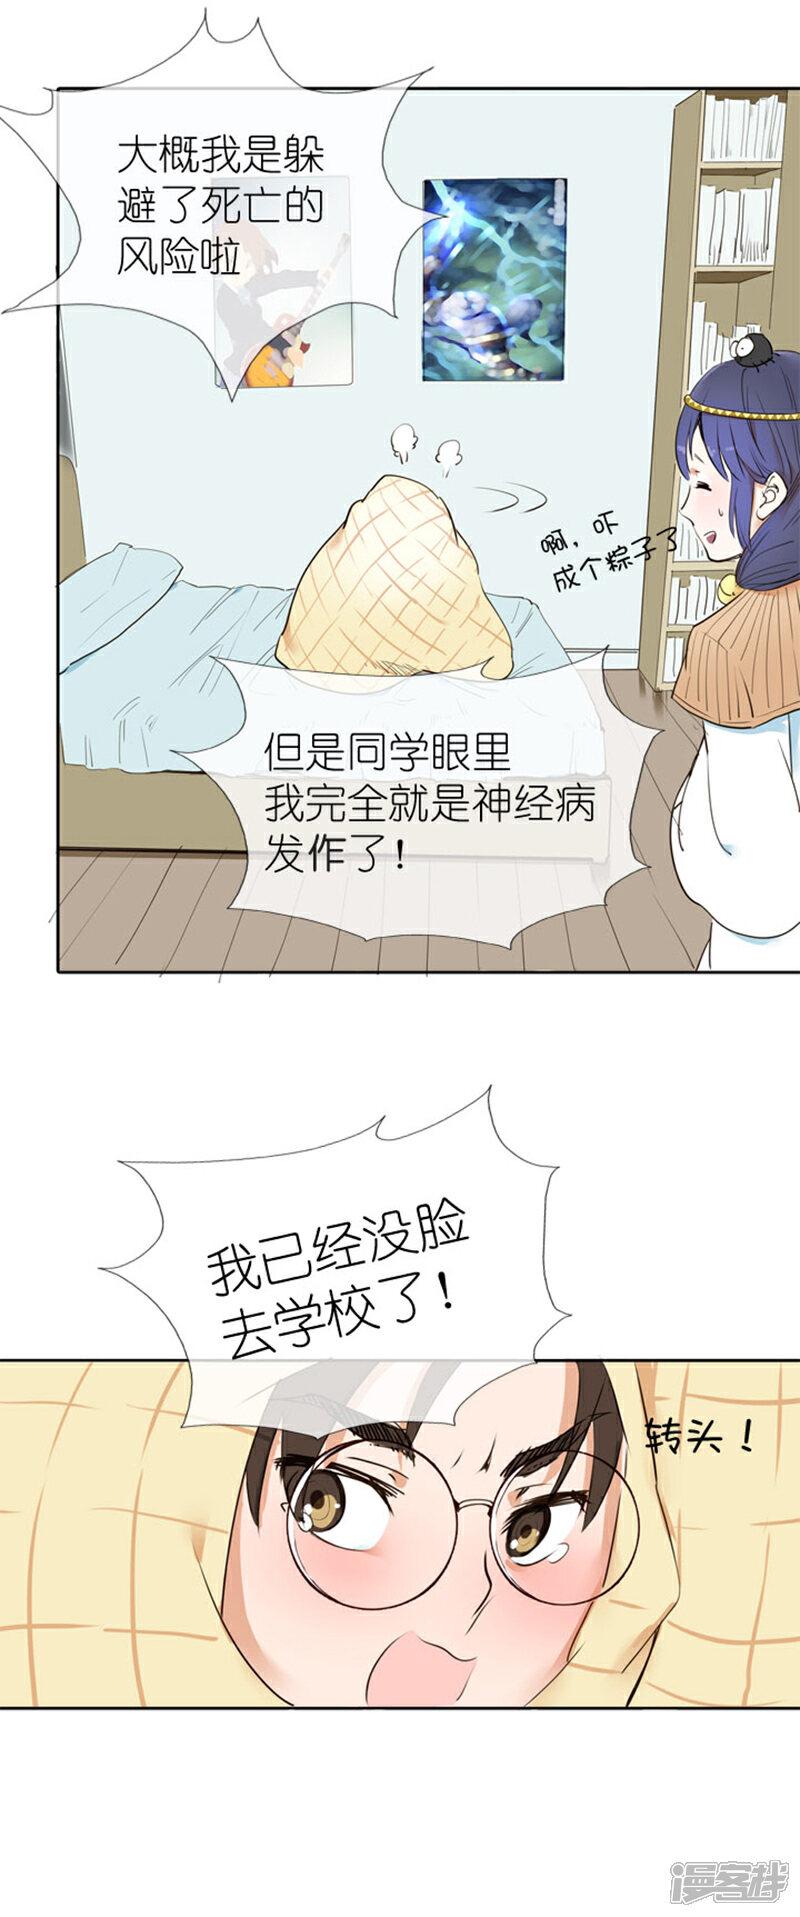 祖先帮帮忙漫画第9话-漫漫画战队客栈萌娘图片